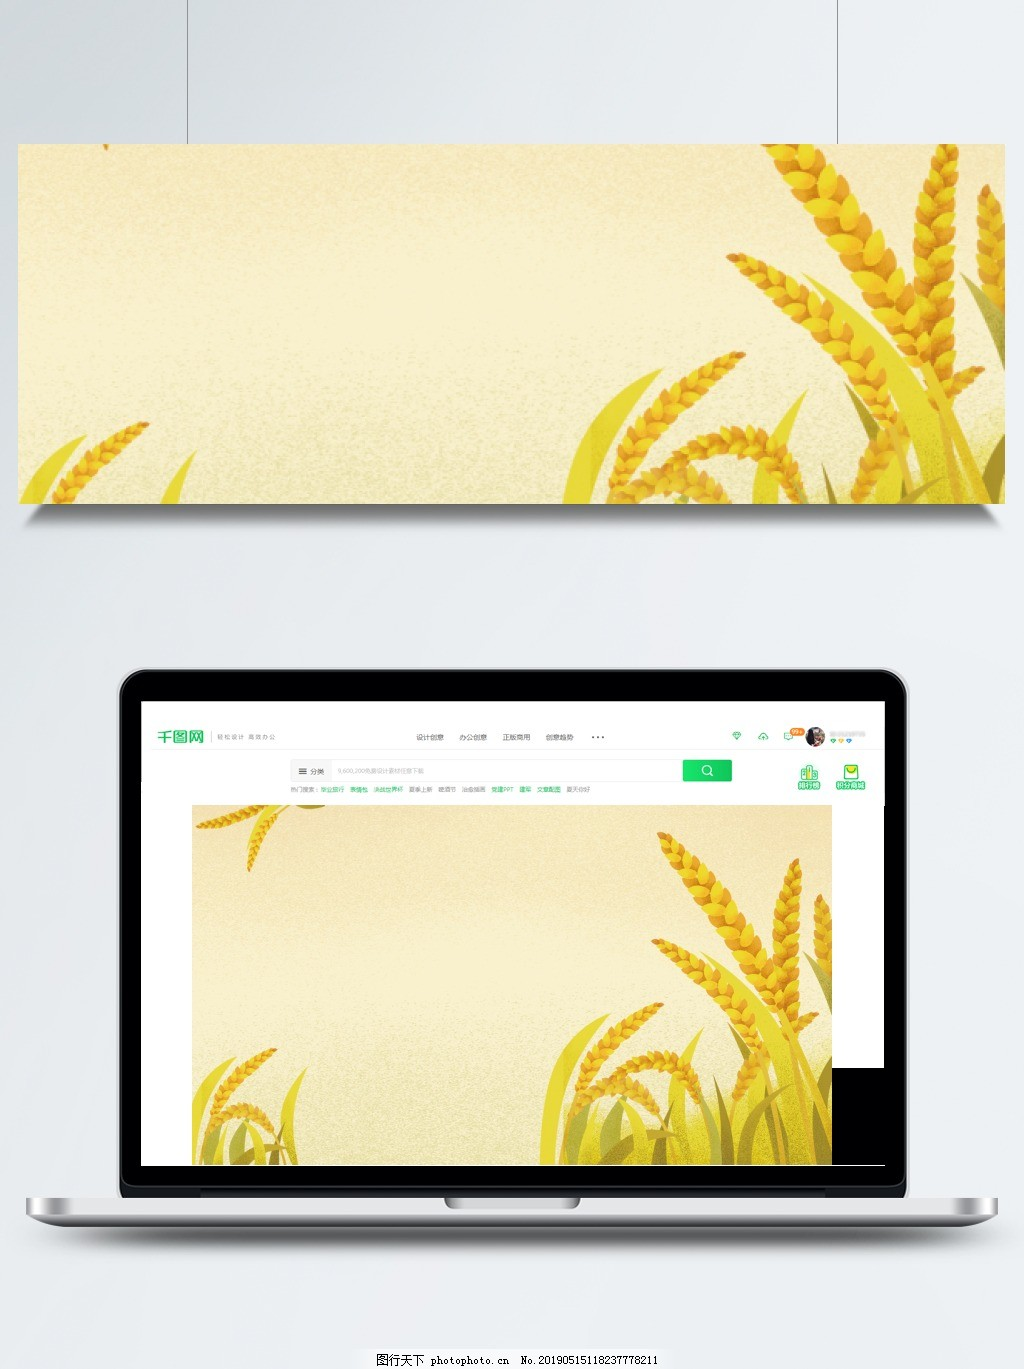 芒种节气麦穗背景设计